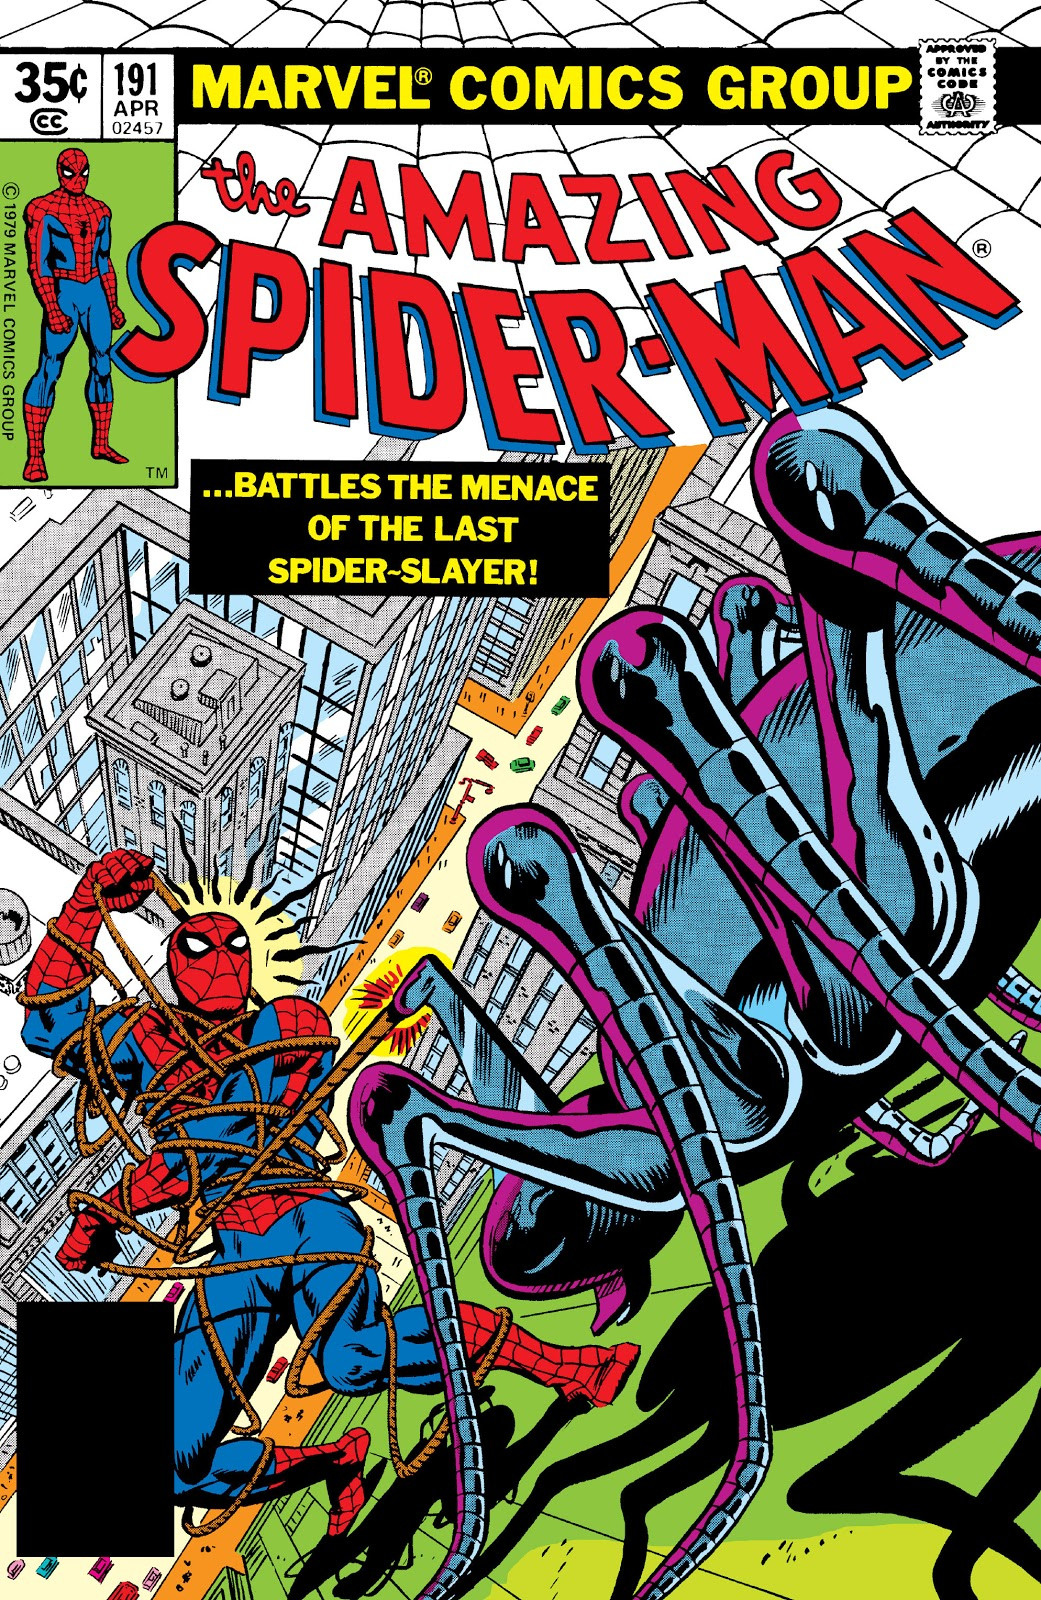 Amazing Spider-Man Vol 1 191.jpg